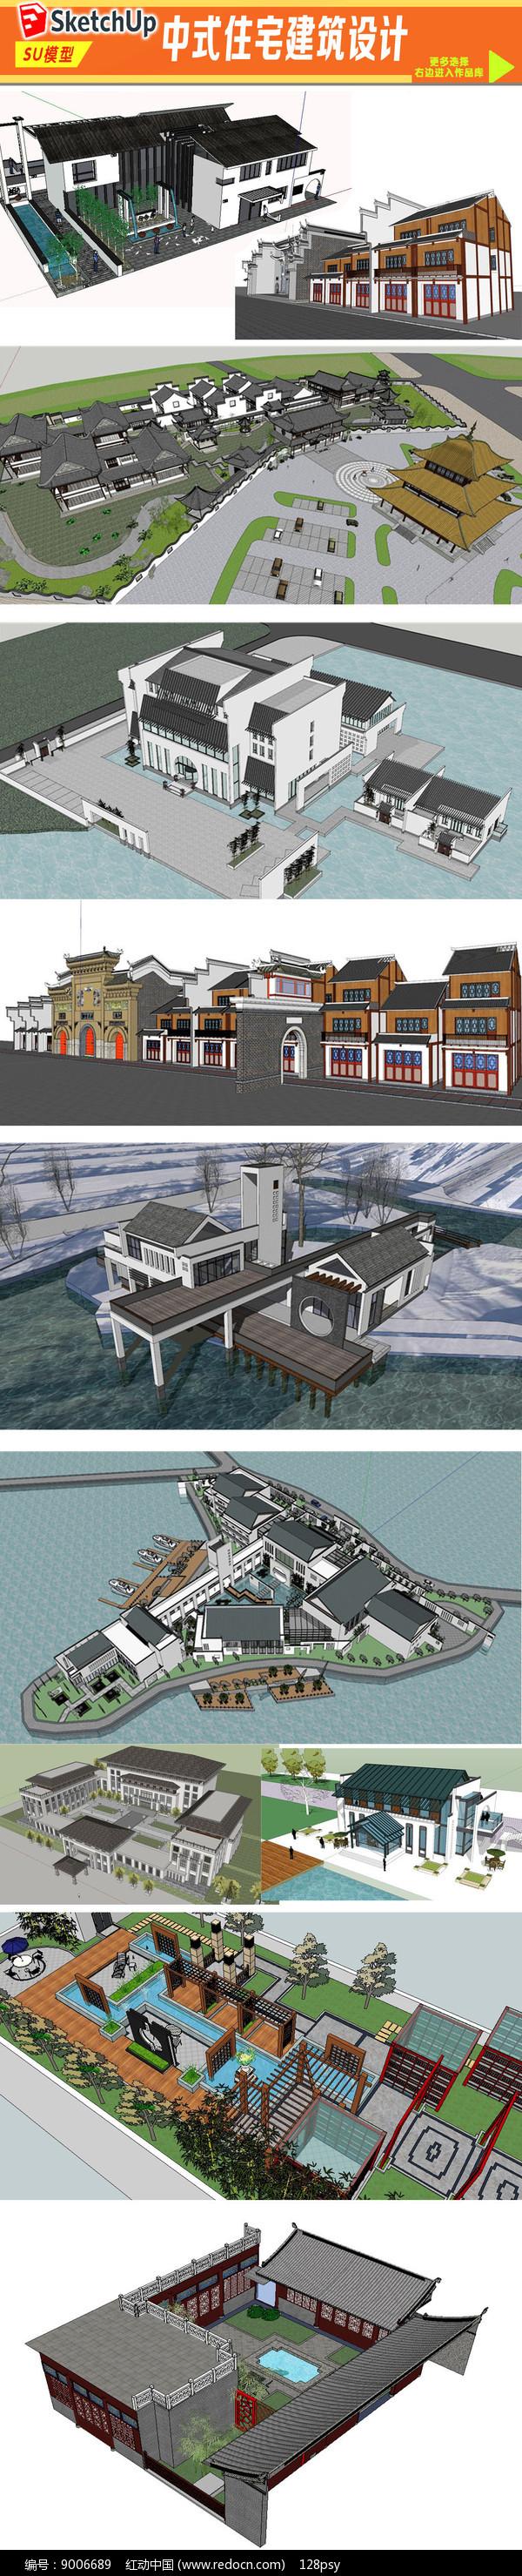 中式传统住宅建筑设计图片